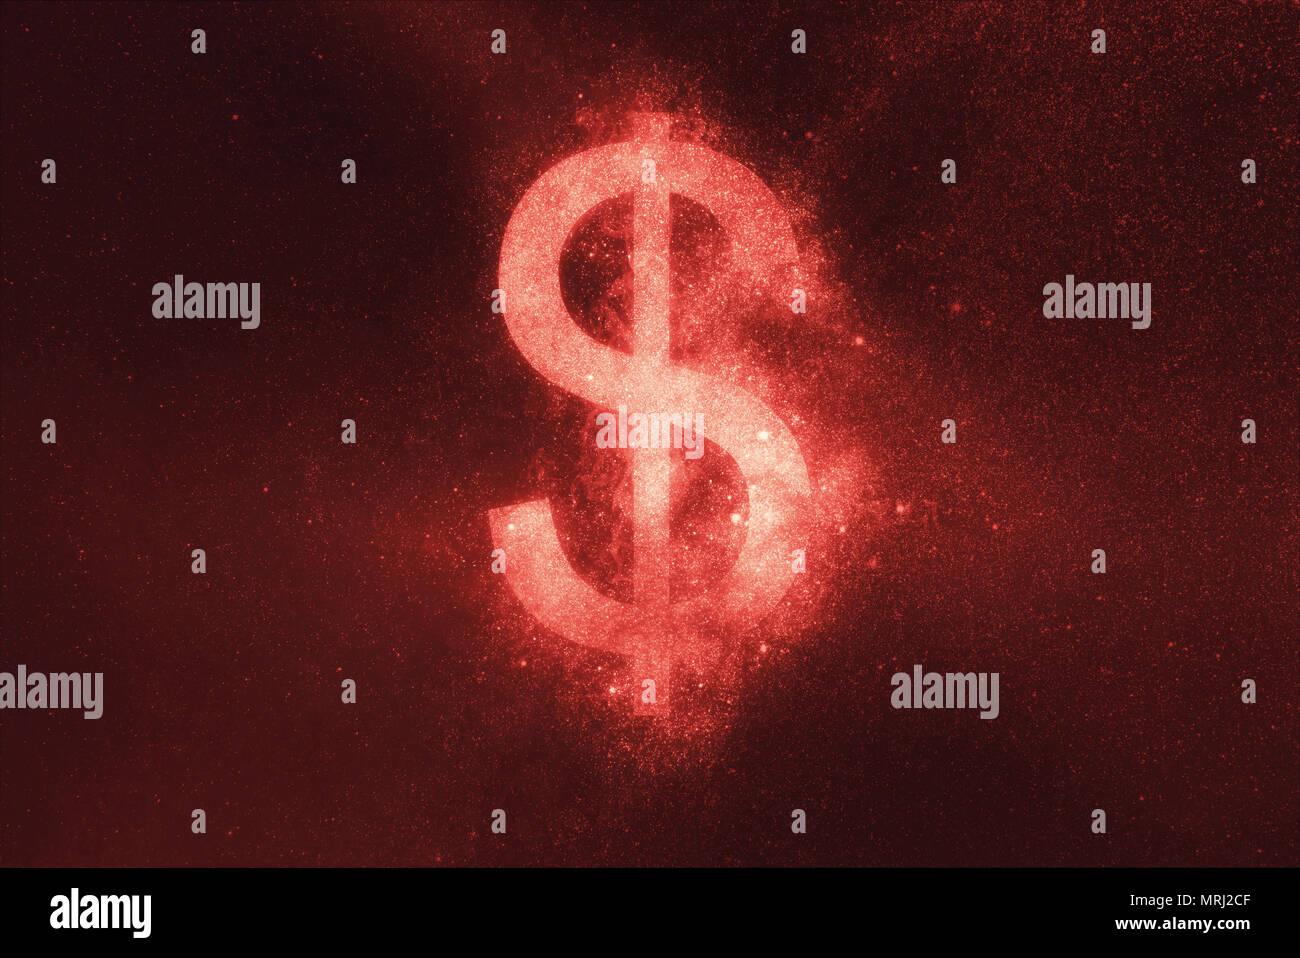 Le symbole du dollar, symbole du dollar. Résumé fond de ciel de nuit Photo Stock